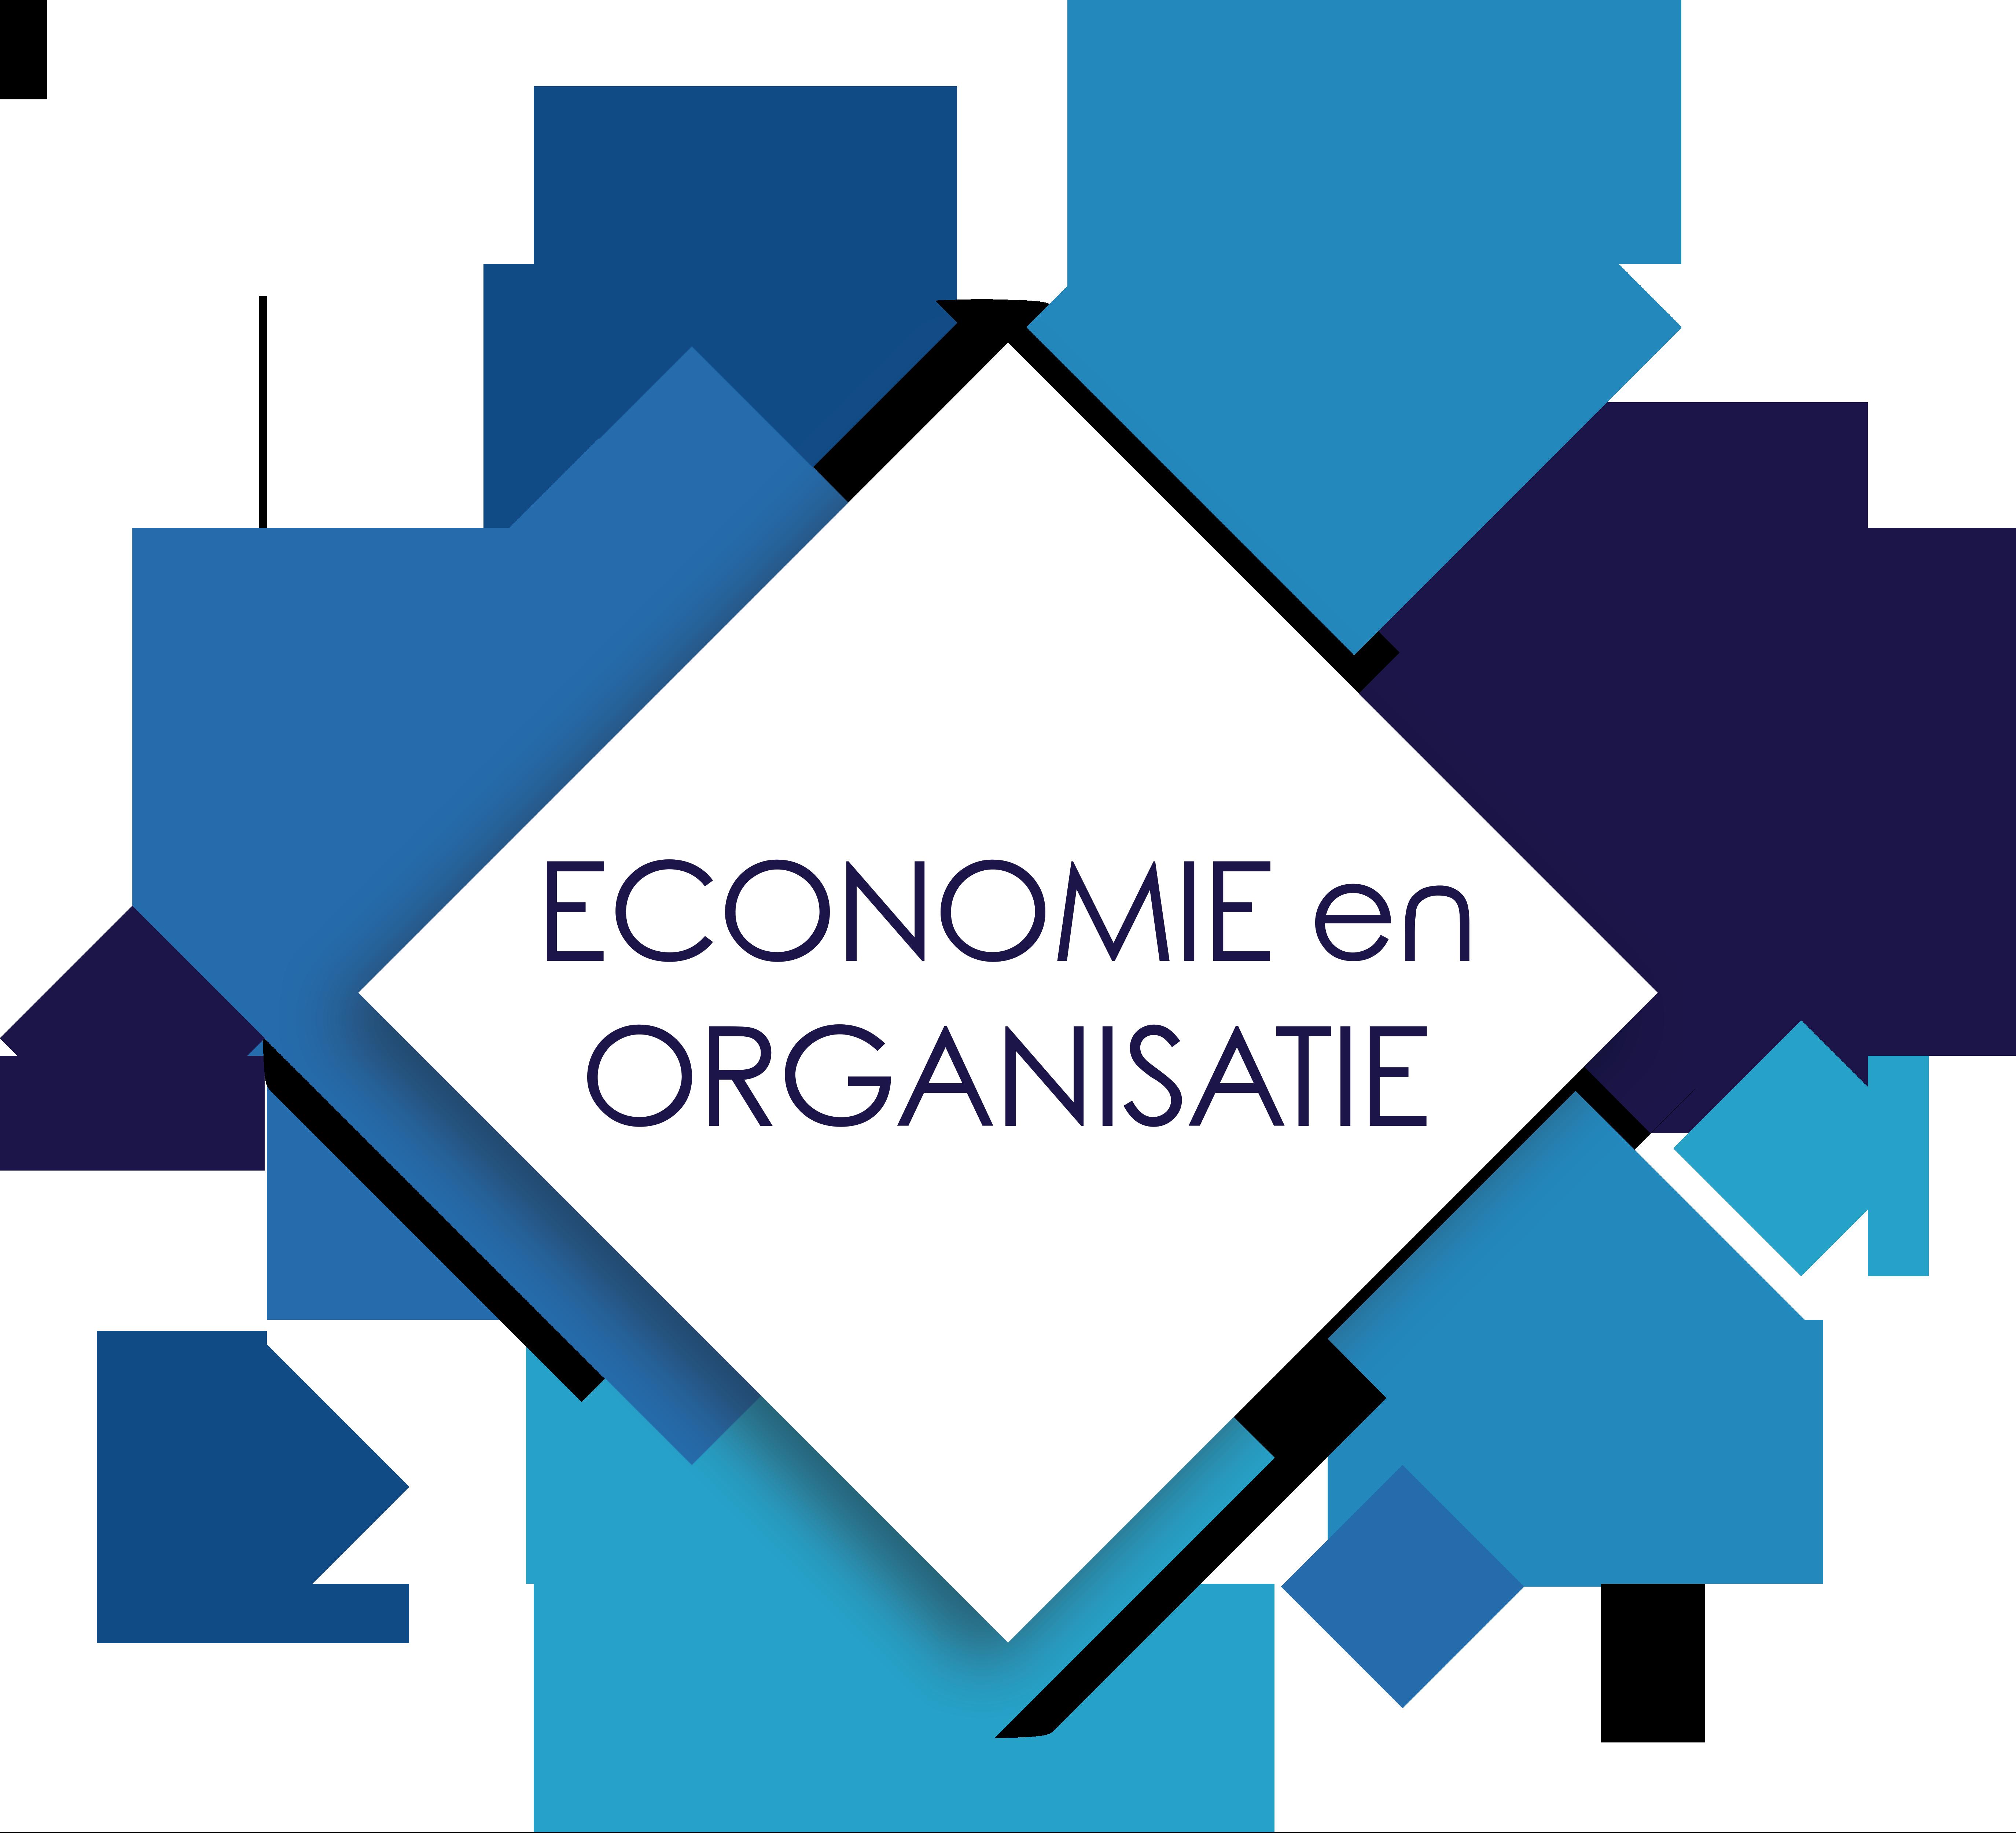 Economie en organisatie in 2B